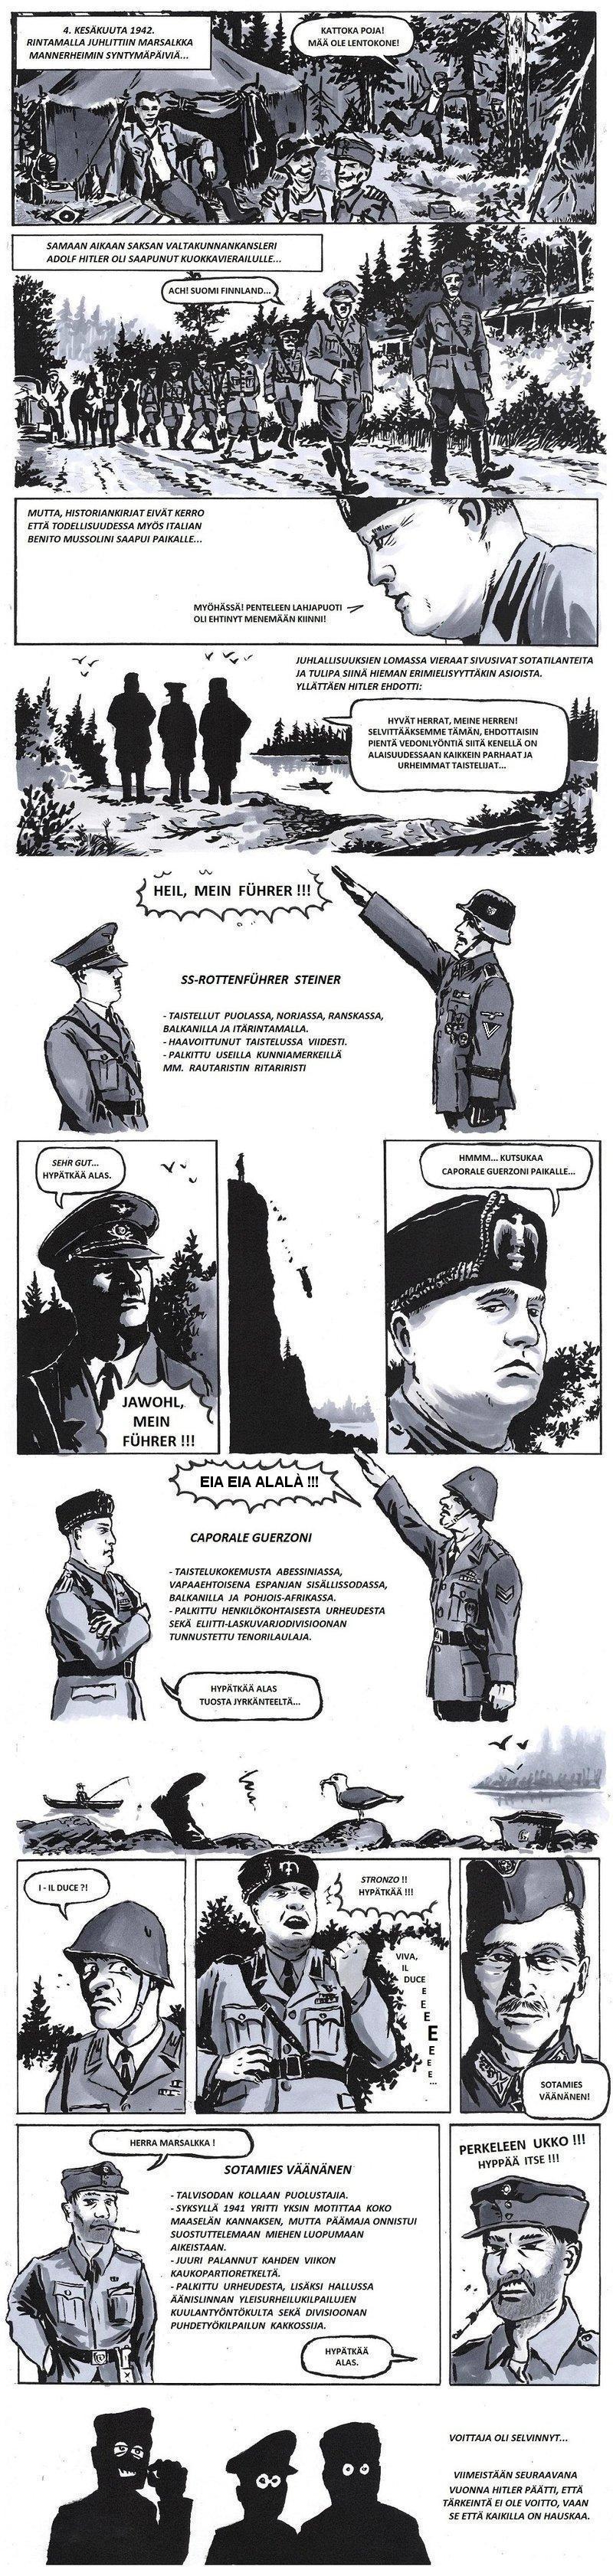 Mannerheim's Birthday 1942 by tuomaskoivurinne